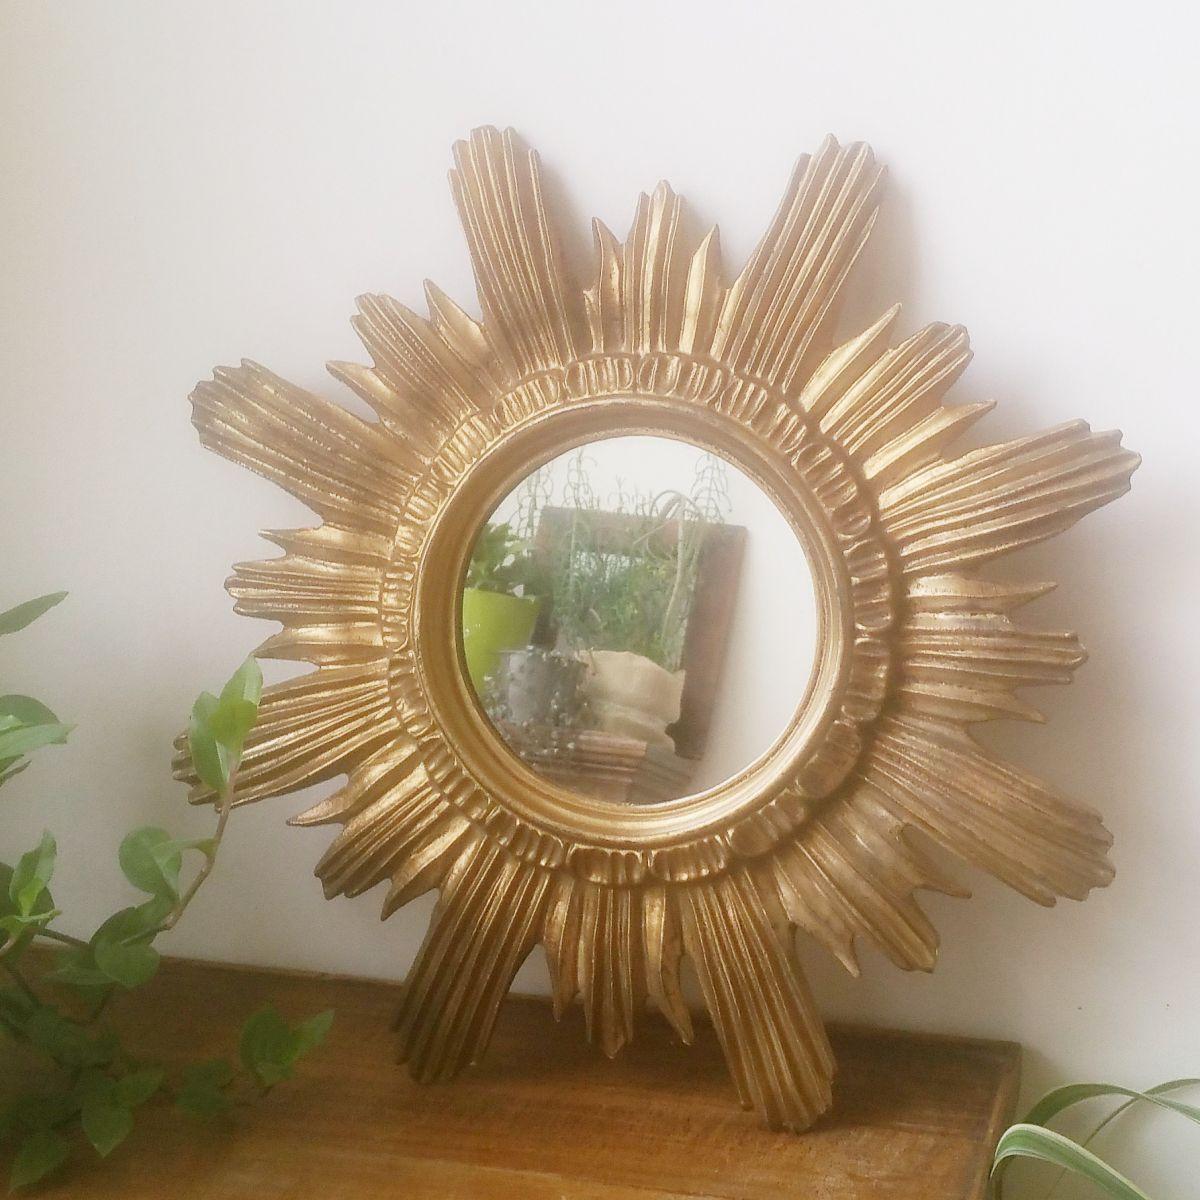 Miroir soleil des ann es 60 made in italy luckyfind for Miroir soleil prix